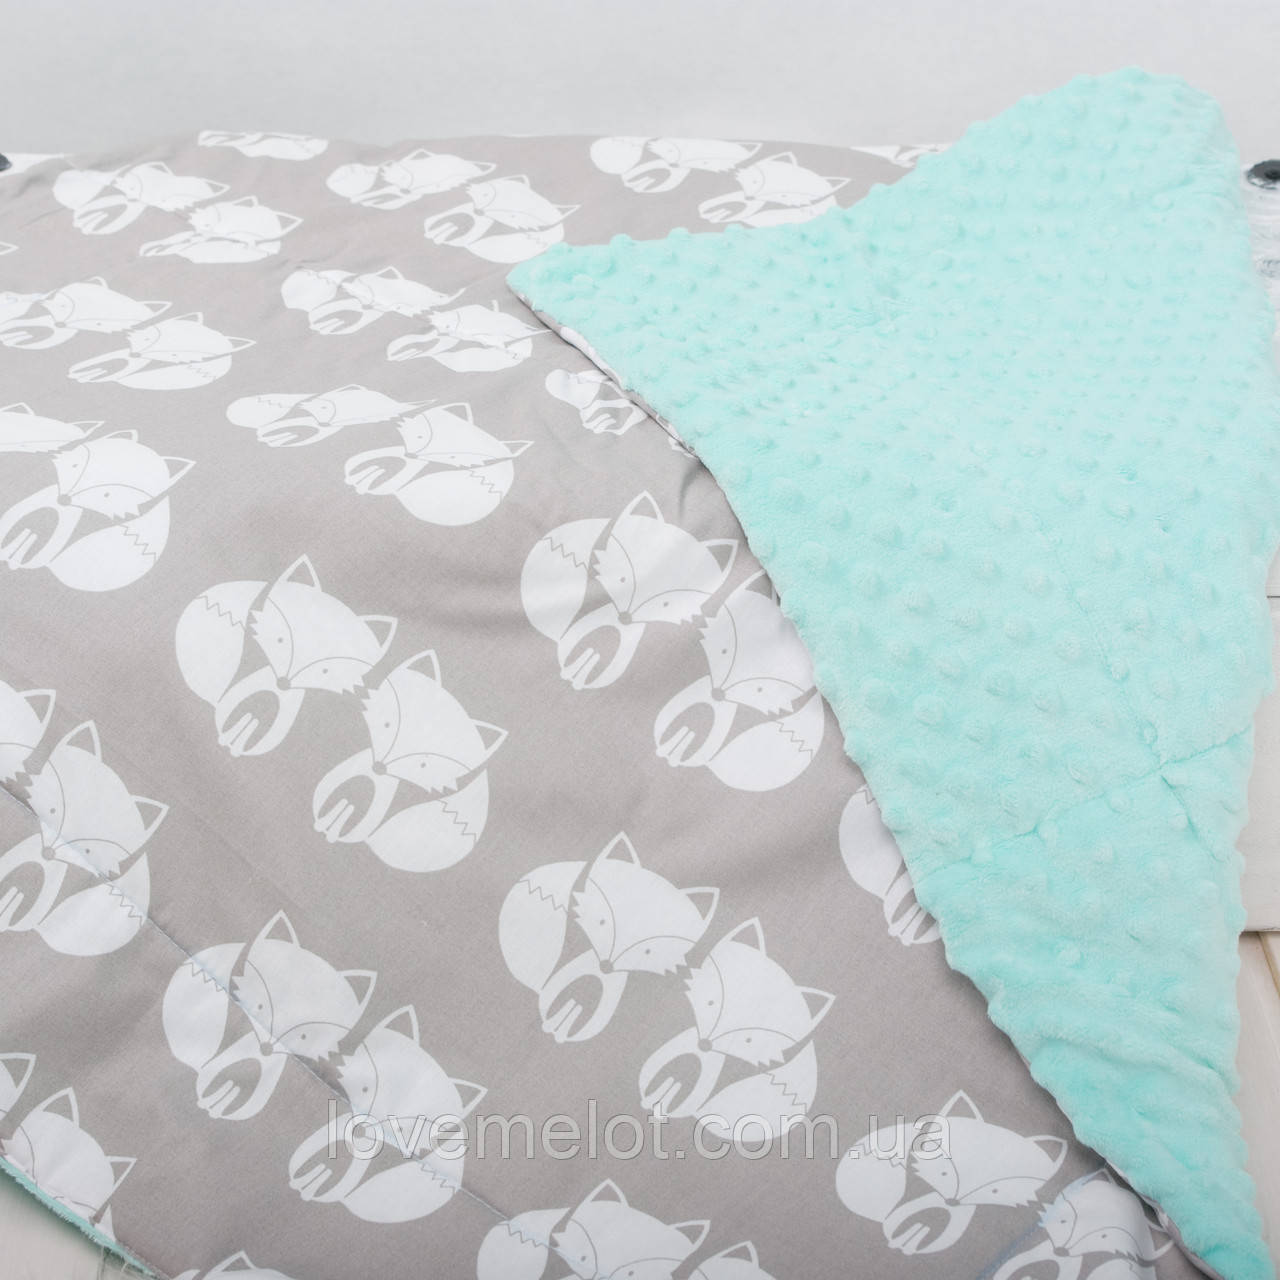 """Дитячий плед для новонароджених і дітей до 3 років, конверт - ковдру плед на виписку """"Мімі"""", 80*100см"""